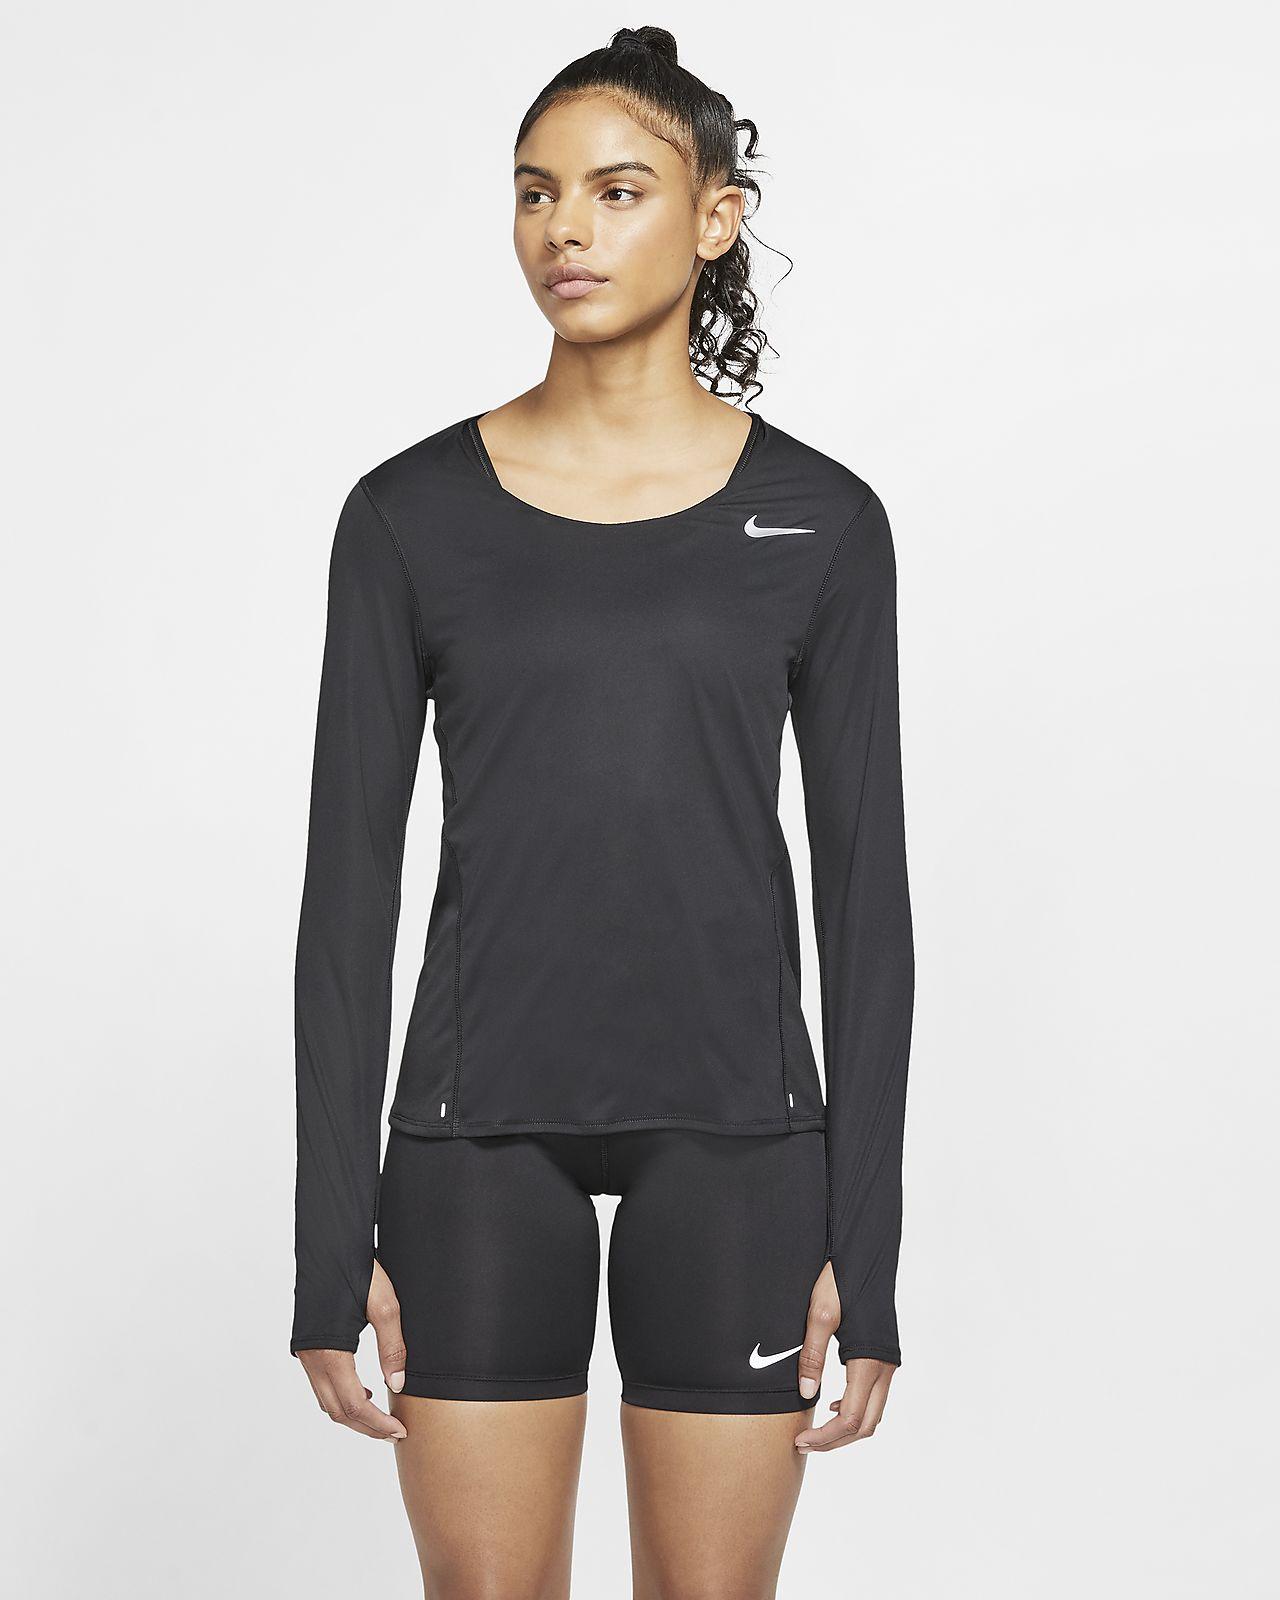 Nike Langarm Damen